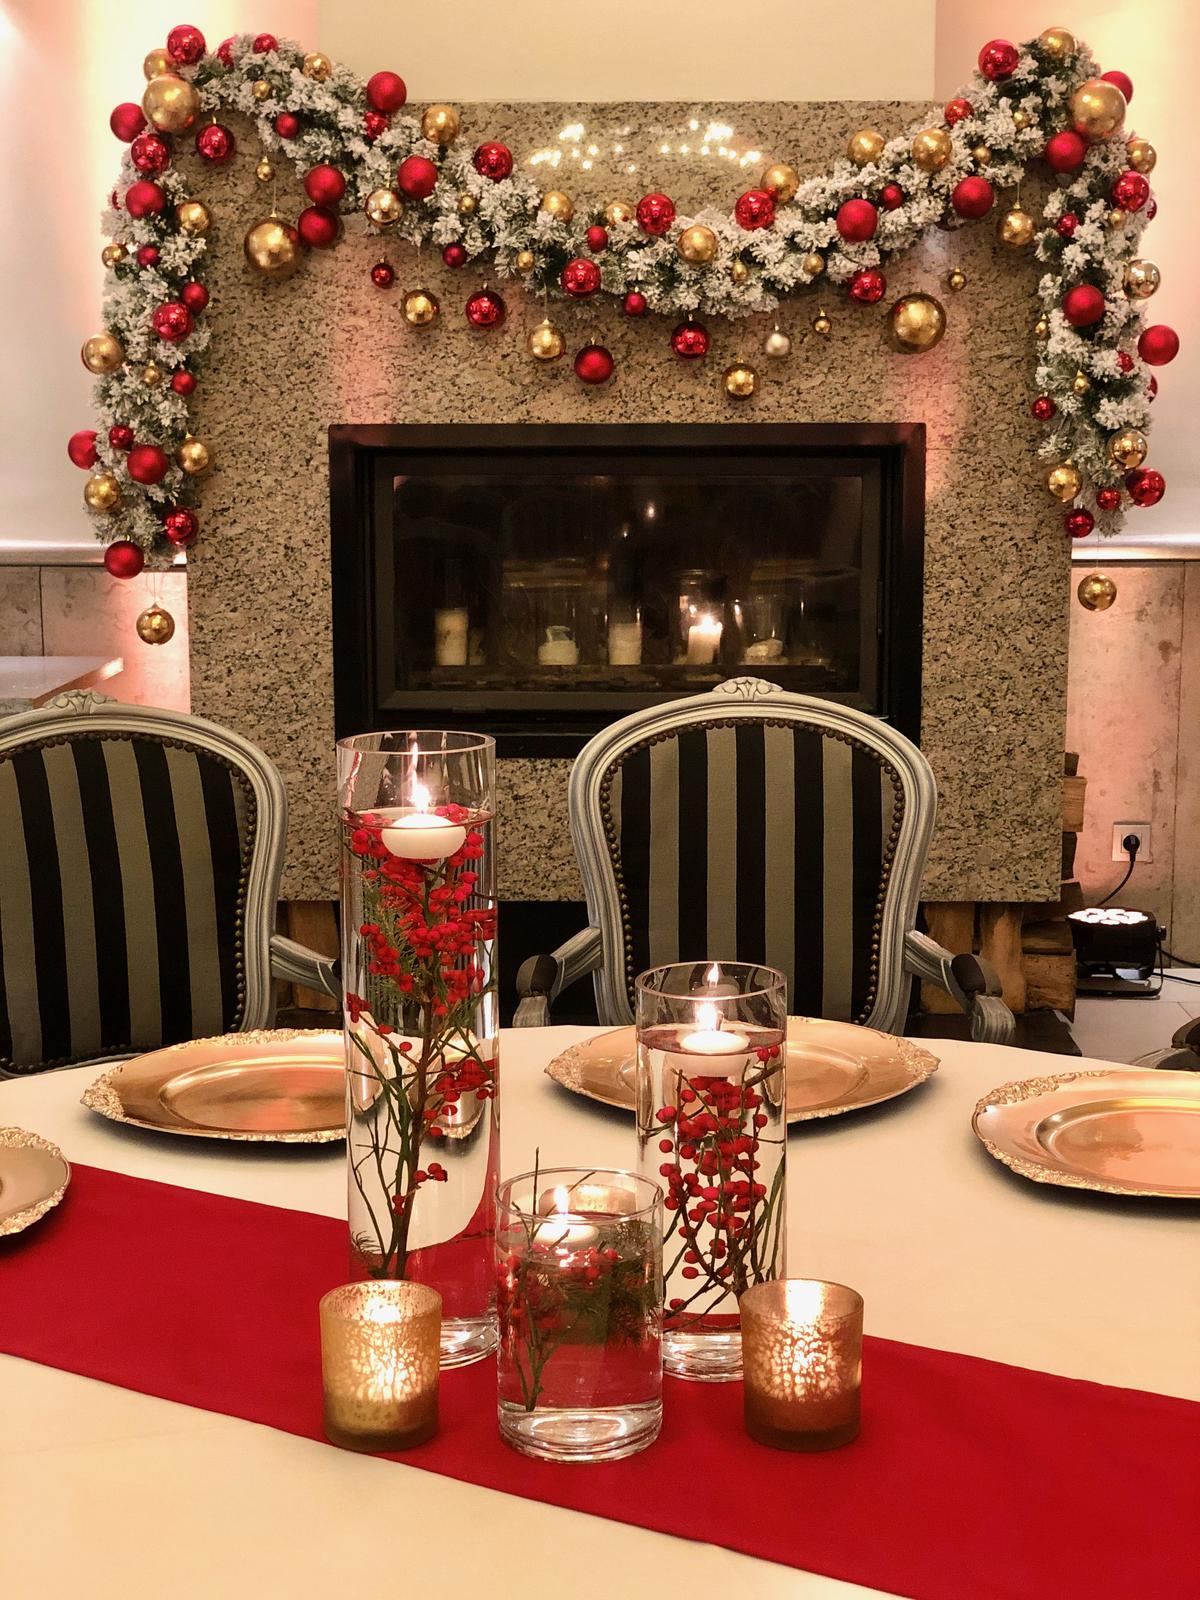 Vianoce sa už blížia... - Obrázok č. 5